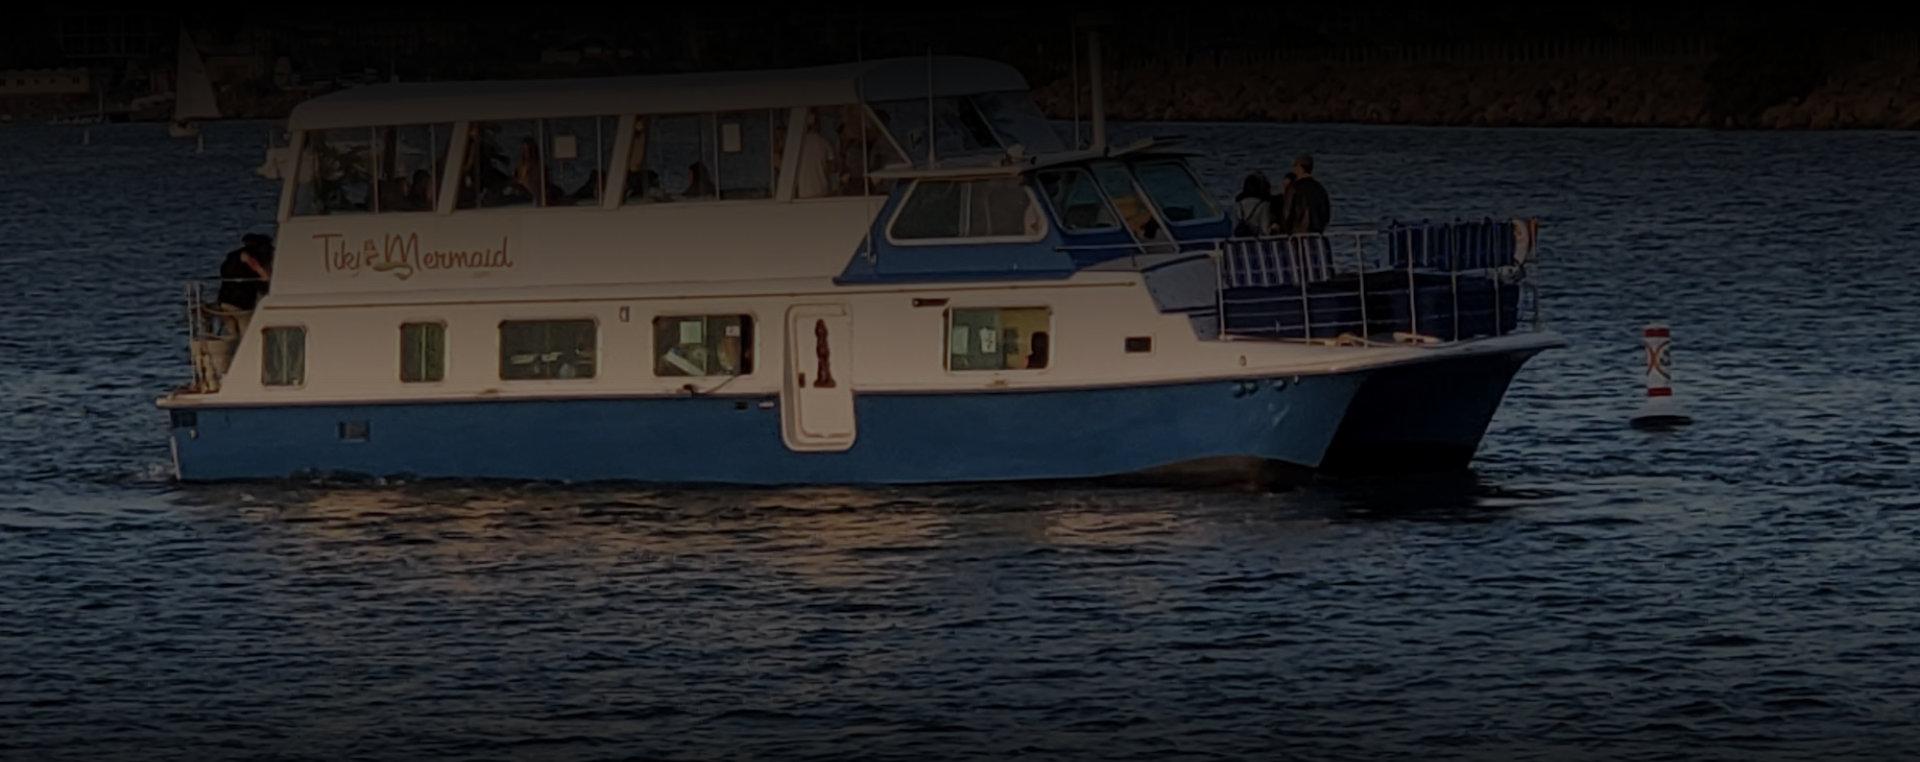 Teki mermaid yacht